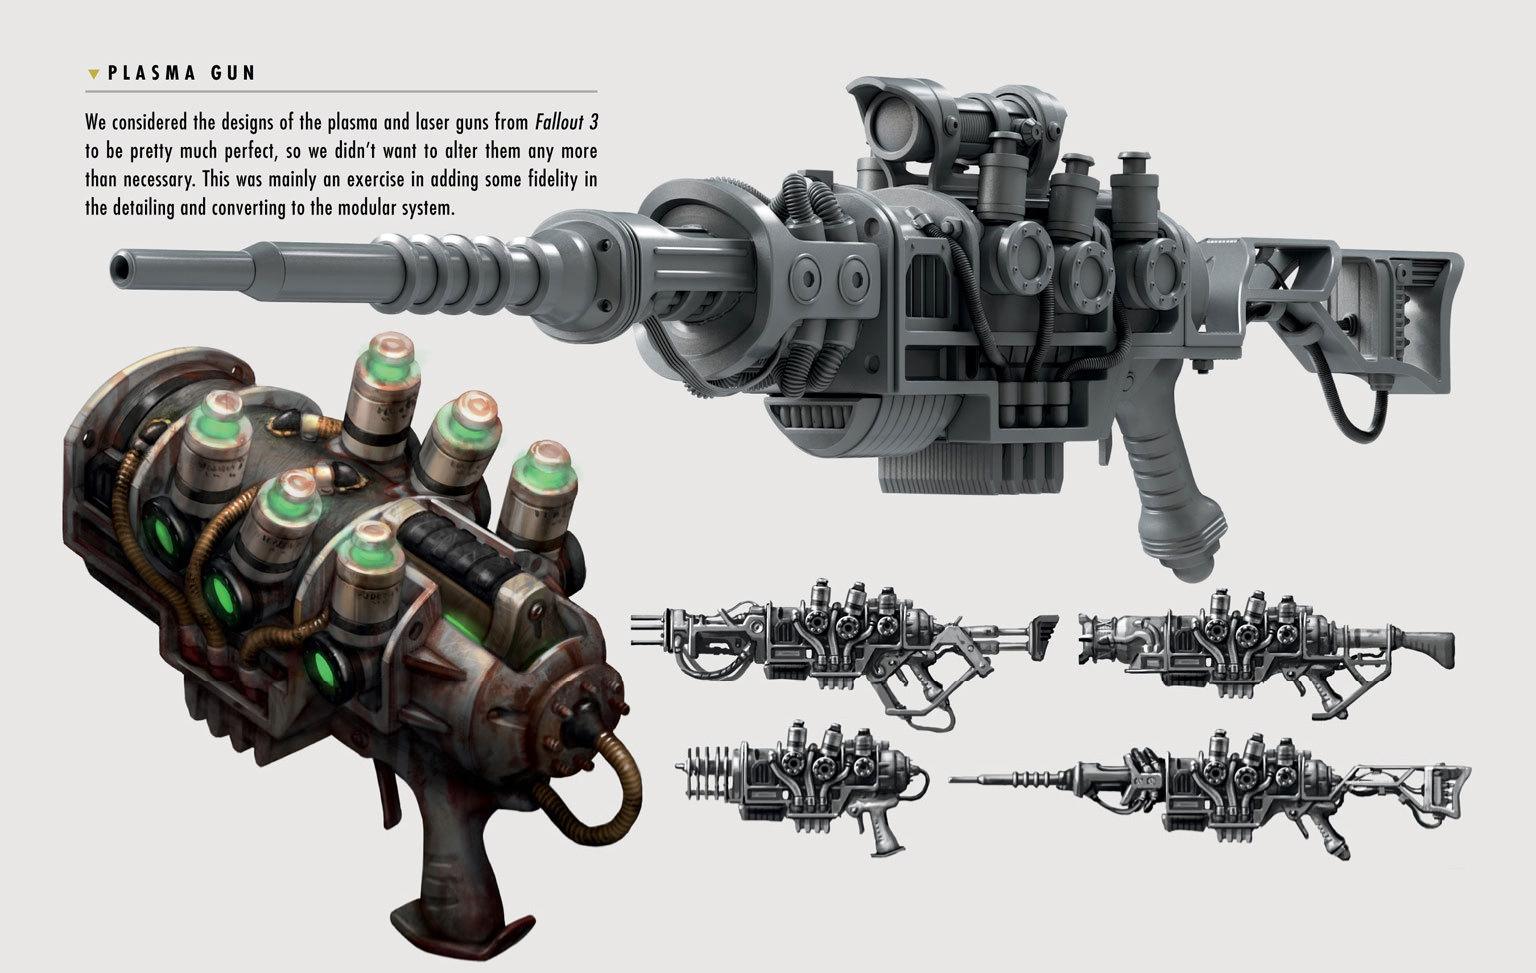 Fallout 4 mirelurk assault - 5 7